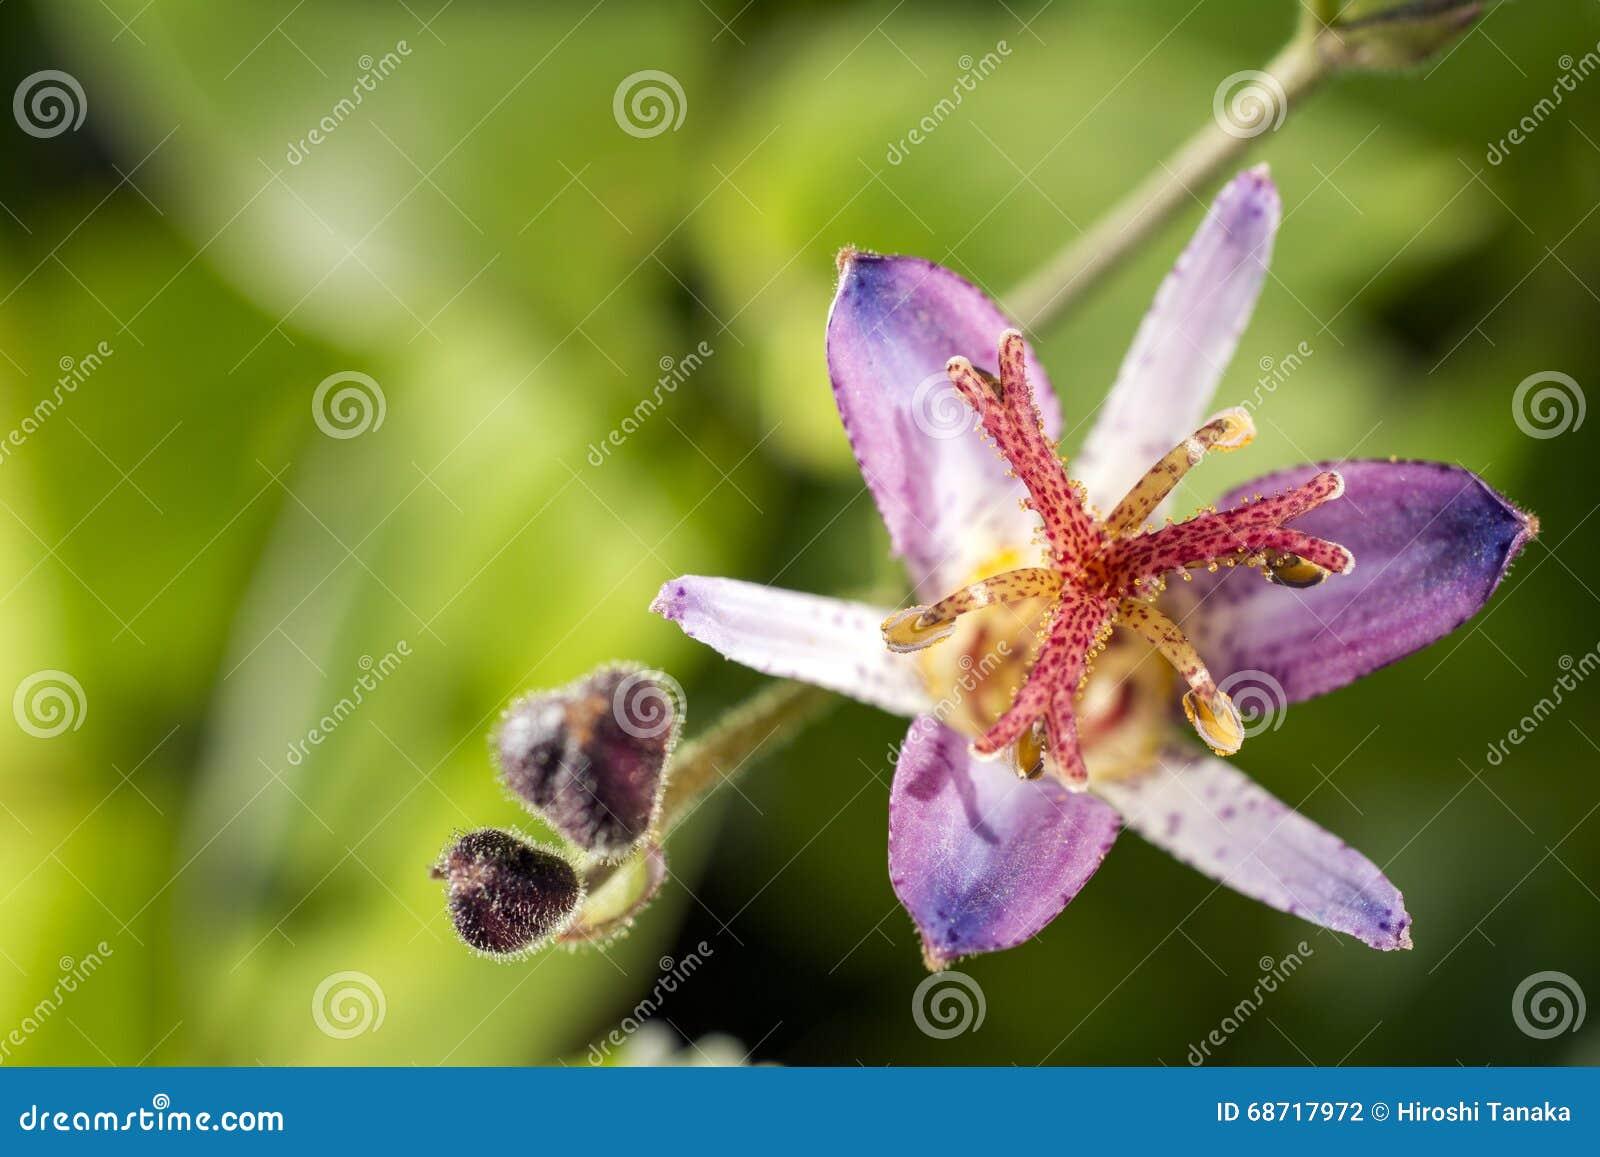 Krötenlilienblume